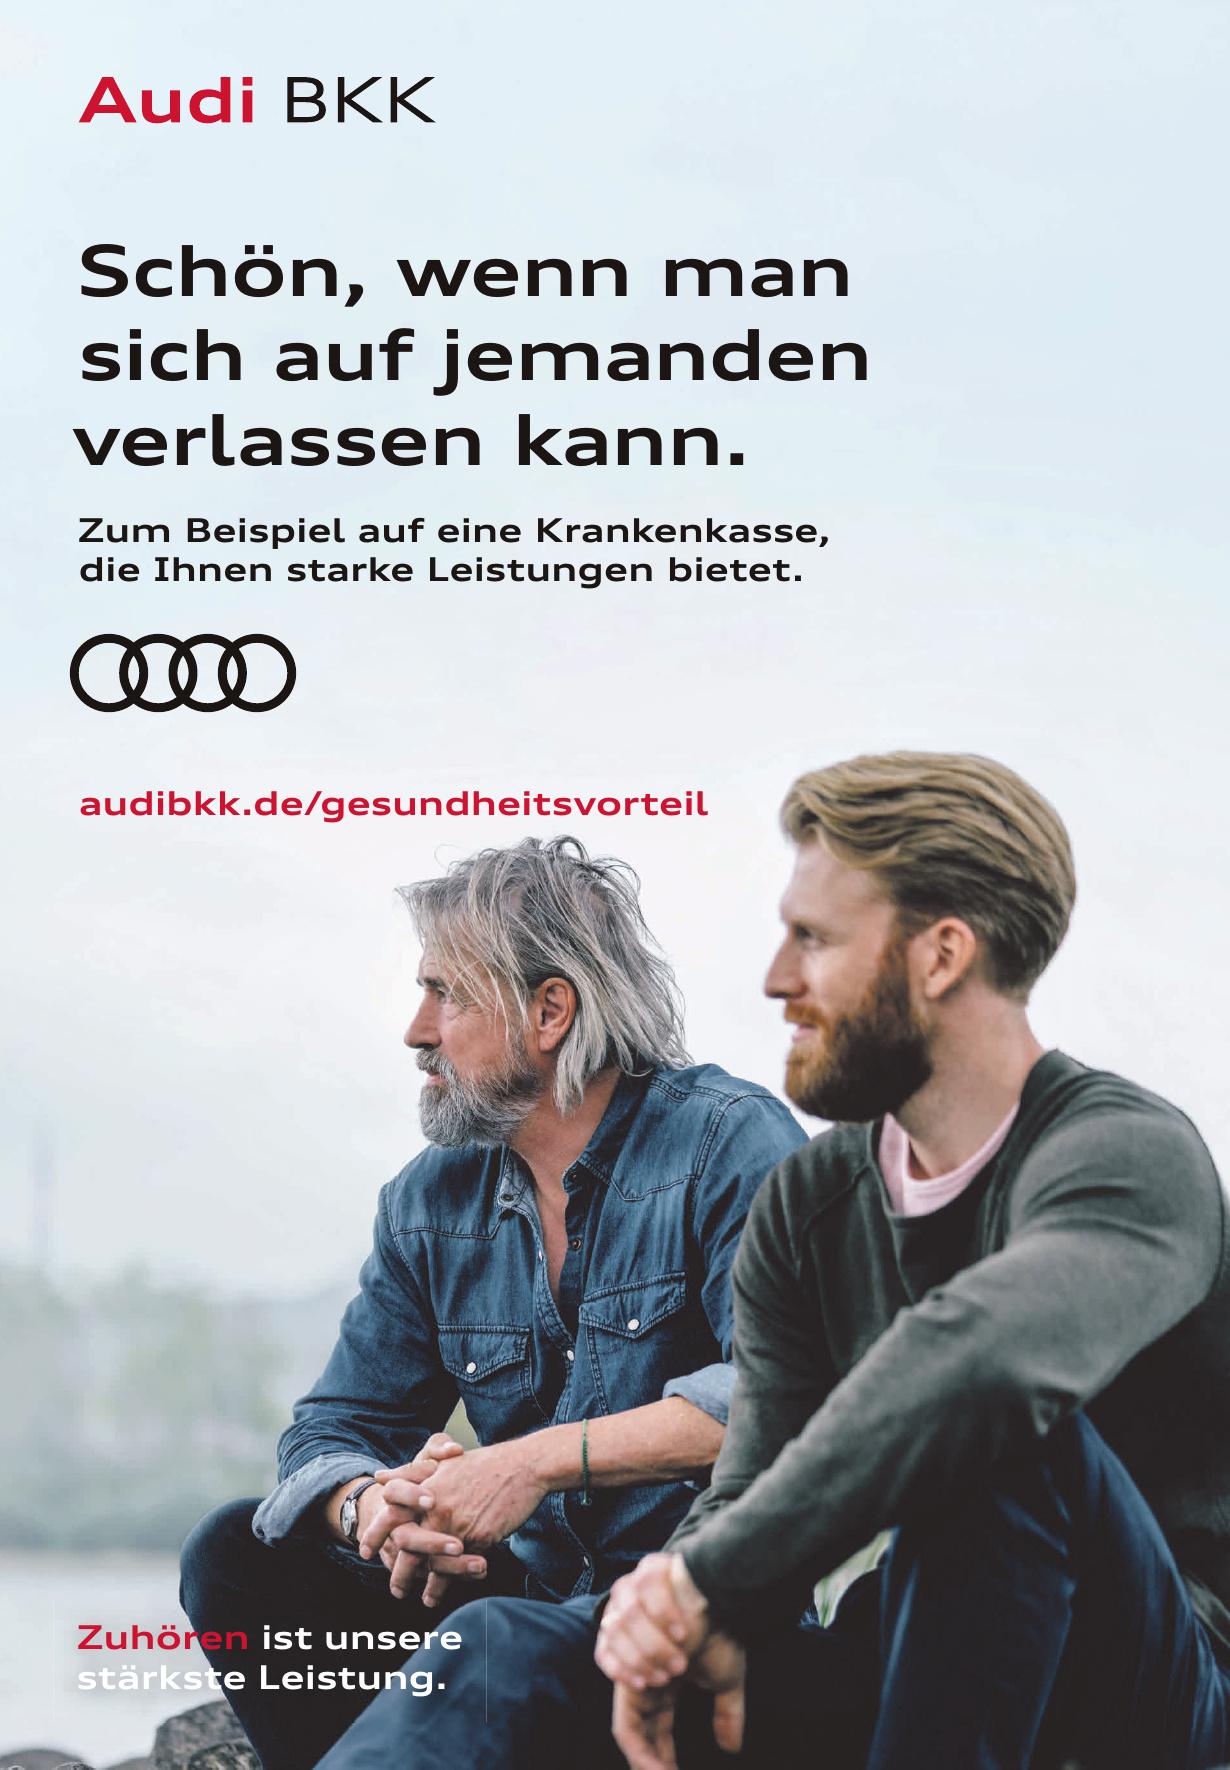 Audi BKK Service-Center Wolfsburg